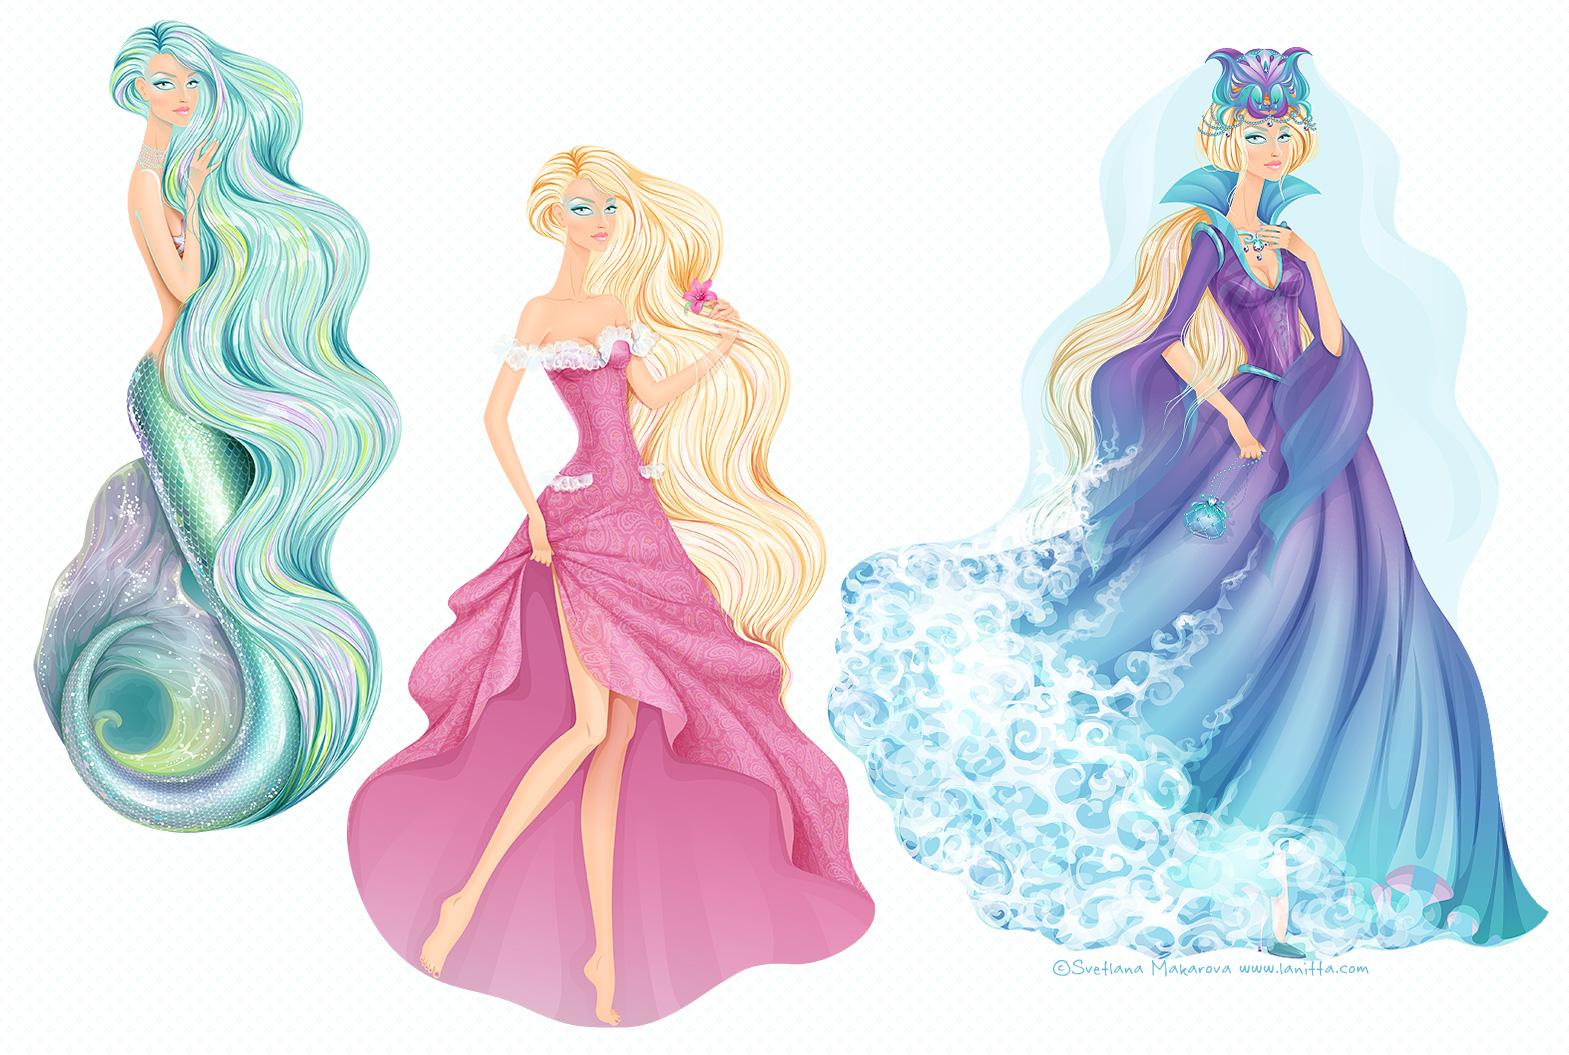 Mermaid by lanitta